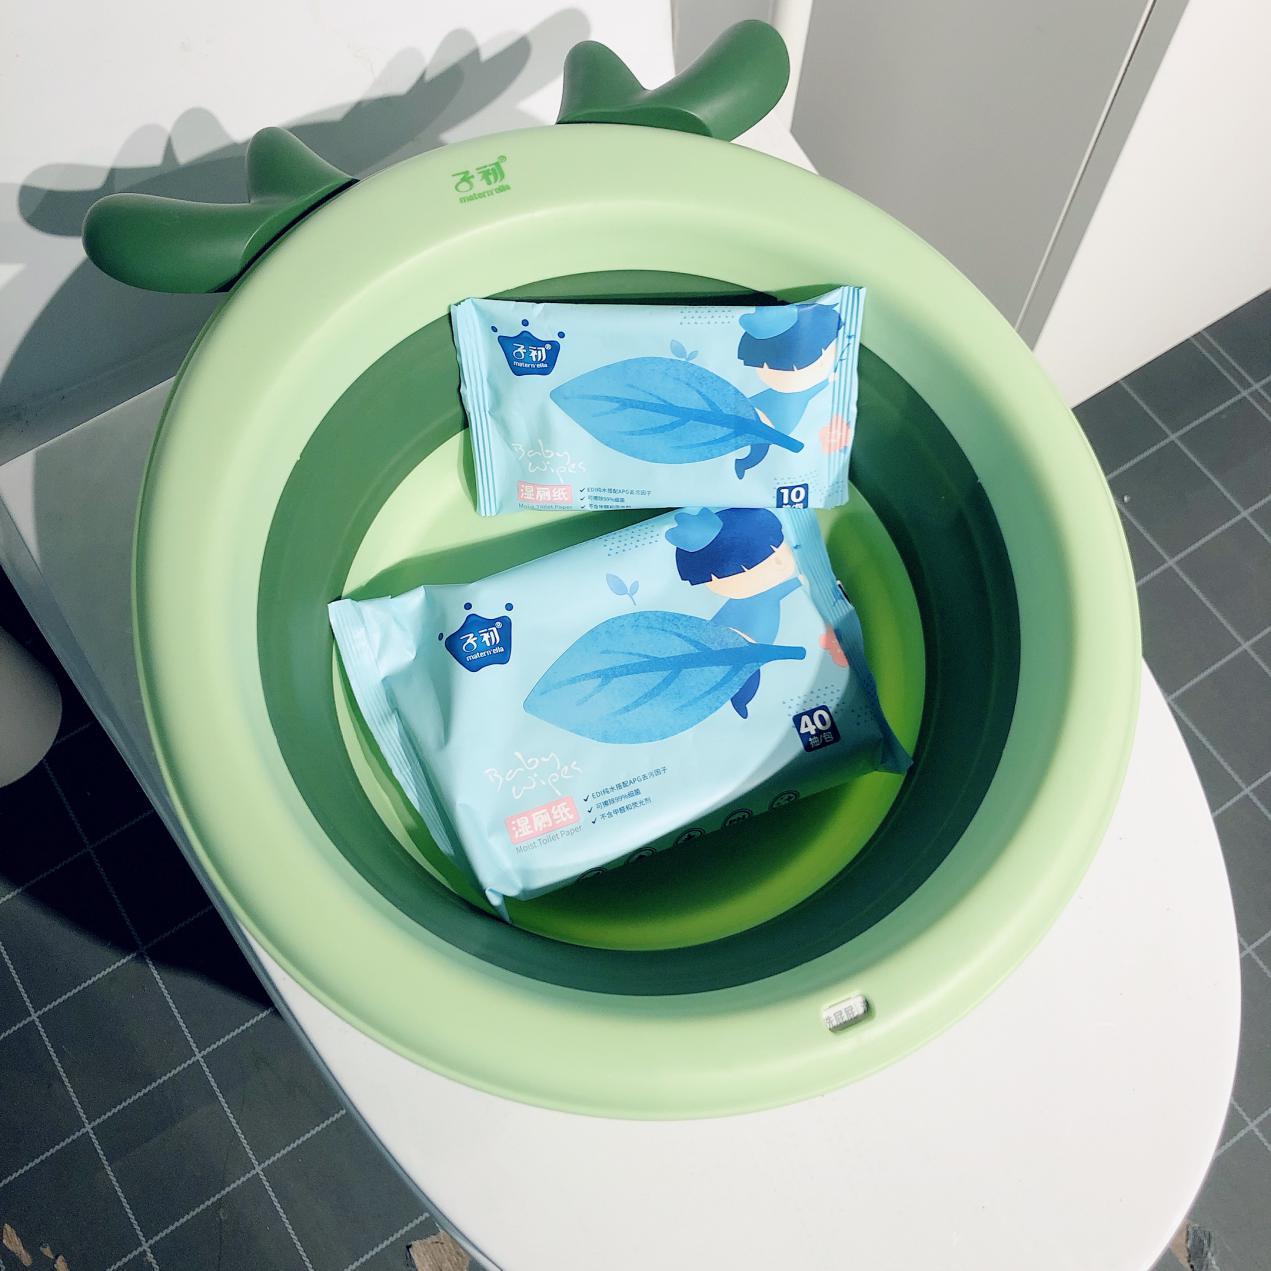 """别不信!有""""痔""""之士现在都在用子初湿厕纸""""善后""""啦~"""